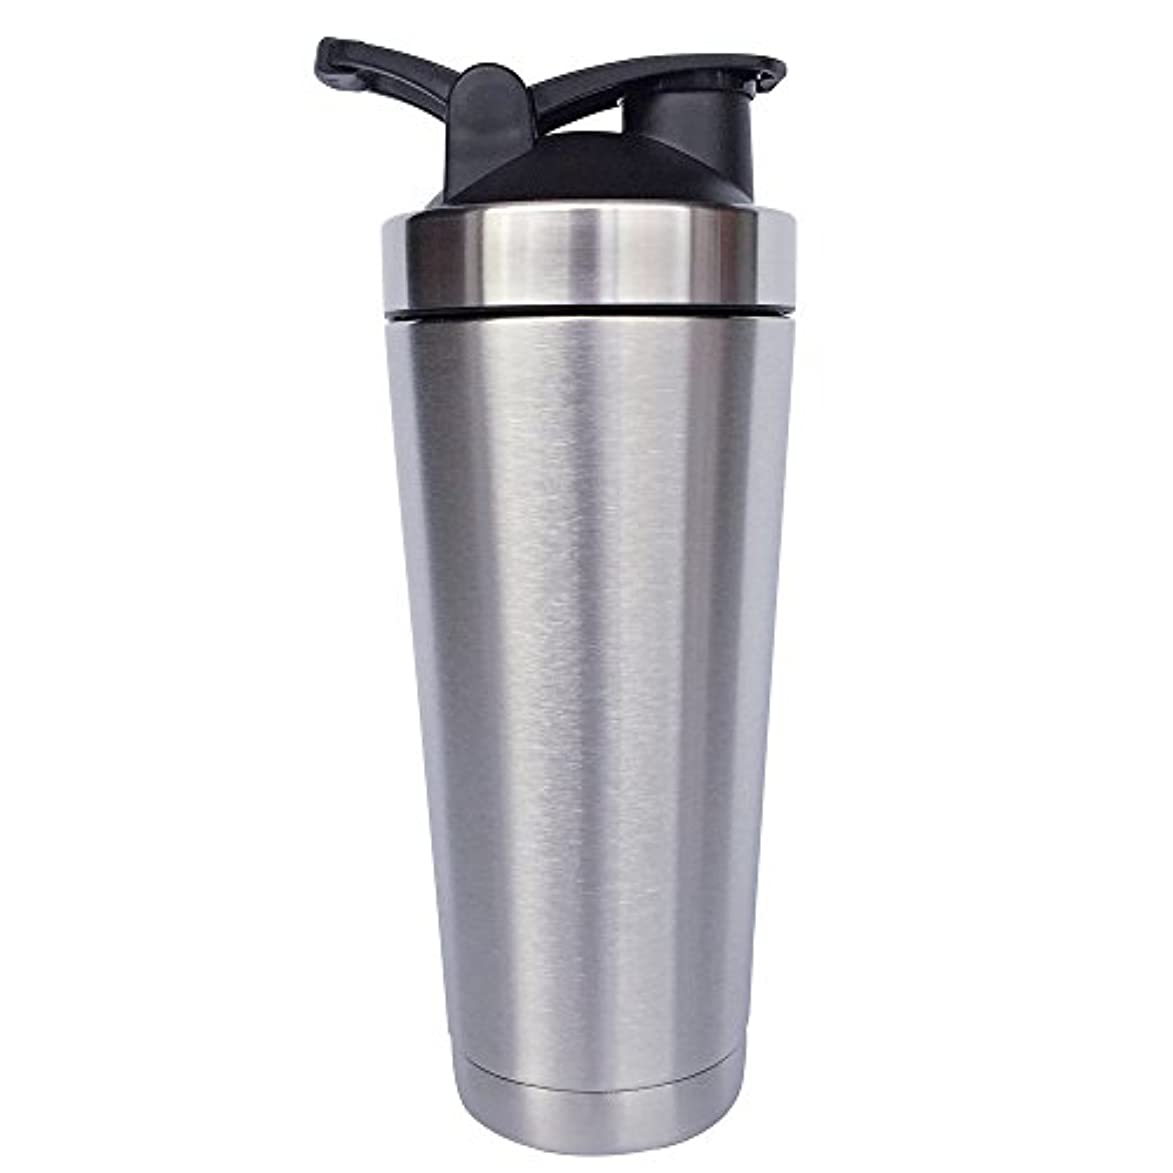 高音自分の力ですべてをする平和的ステンレス鋼 スポーツウォーターボトル タンパク質ミルクセーキシェーカー?カップ 振ってボール ビグサイズ